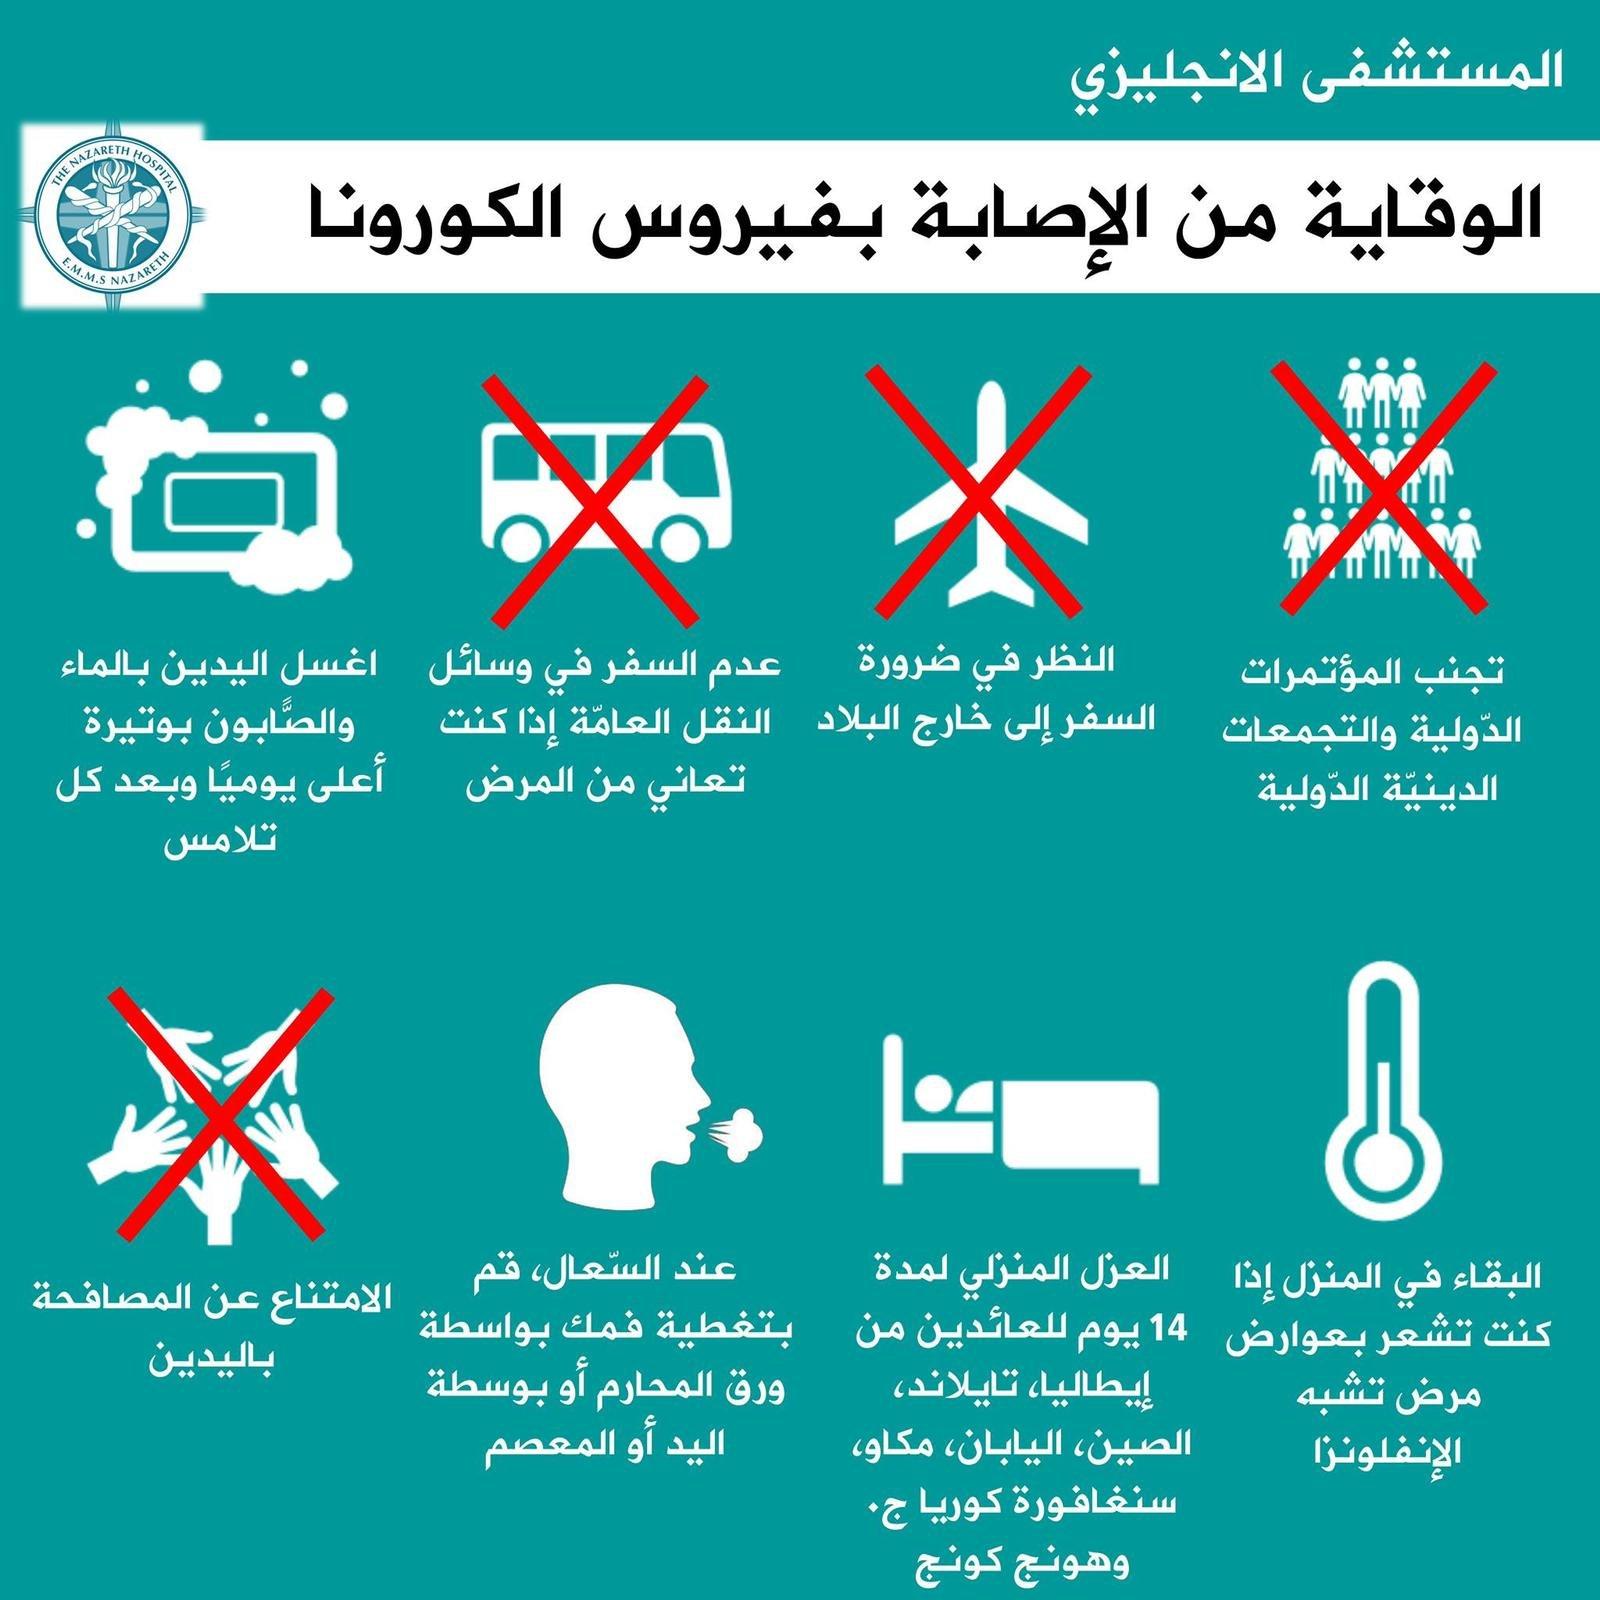 بلدية الناصرة: الانتباه والحذر والخطوات الوقائية من الكورونا-1